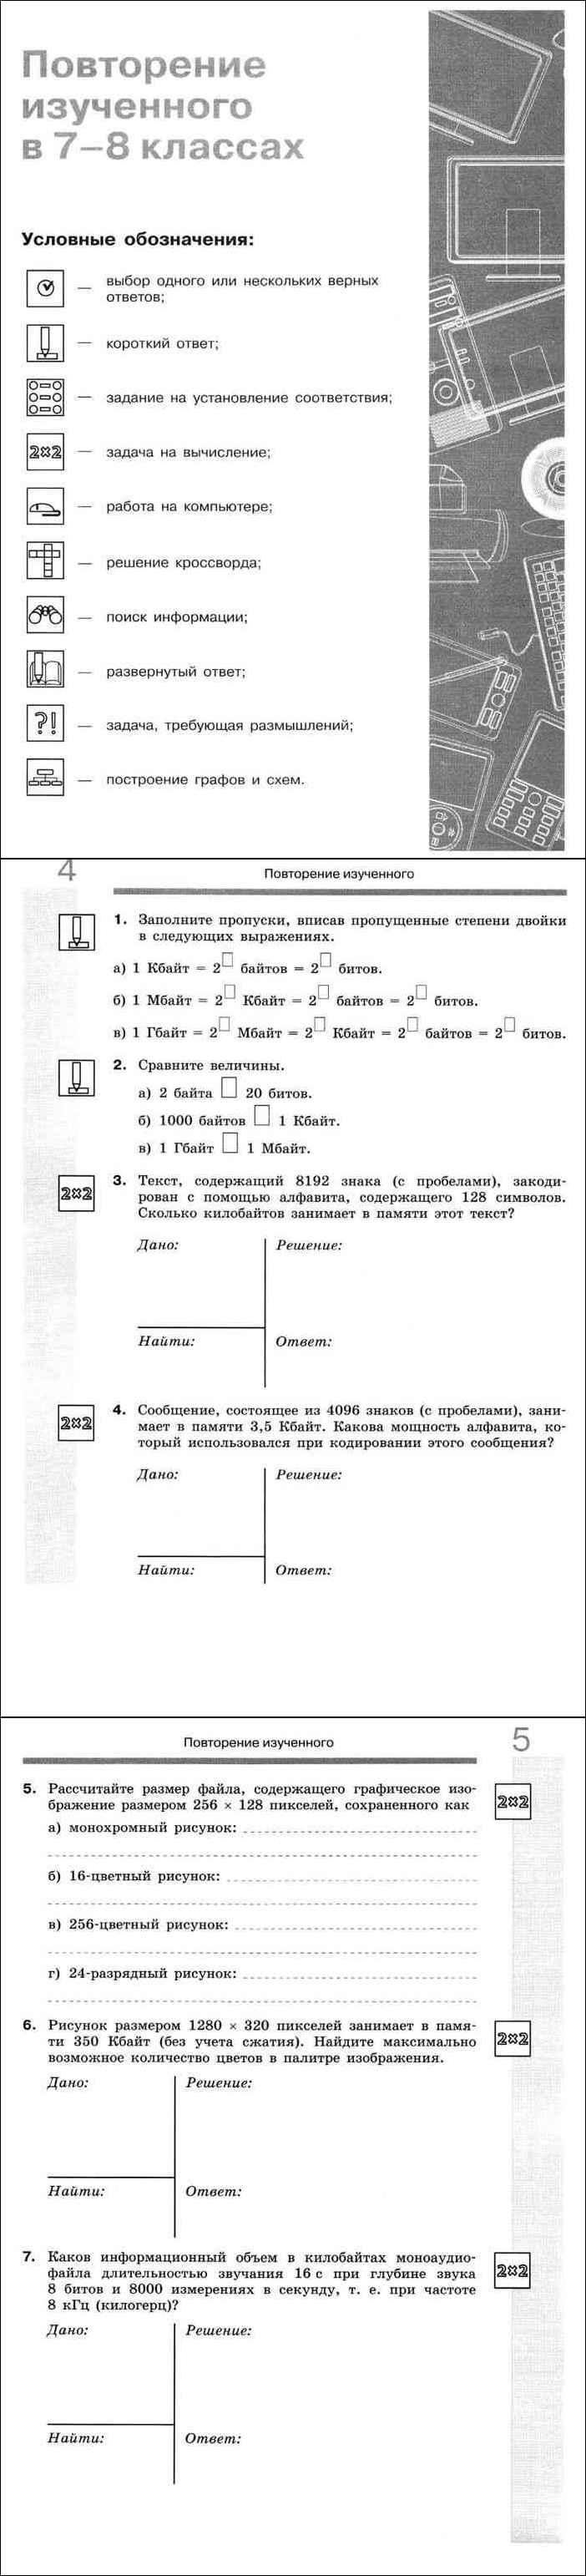 кредит онлайн на карту без фото документов украина